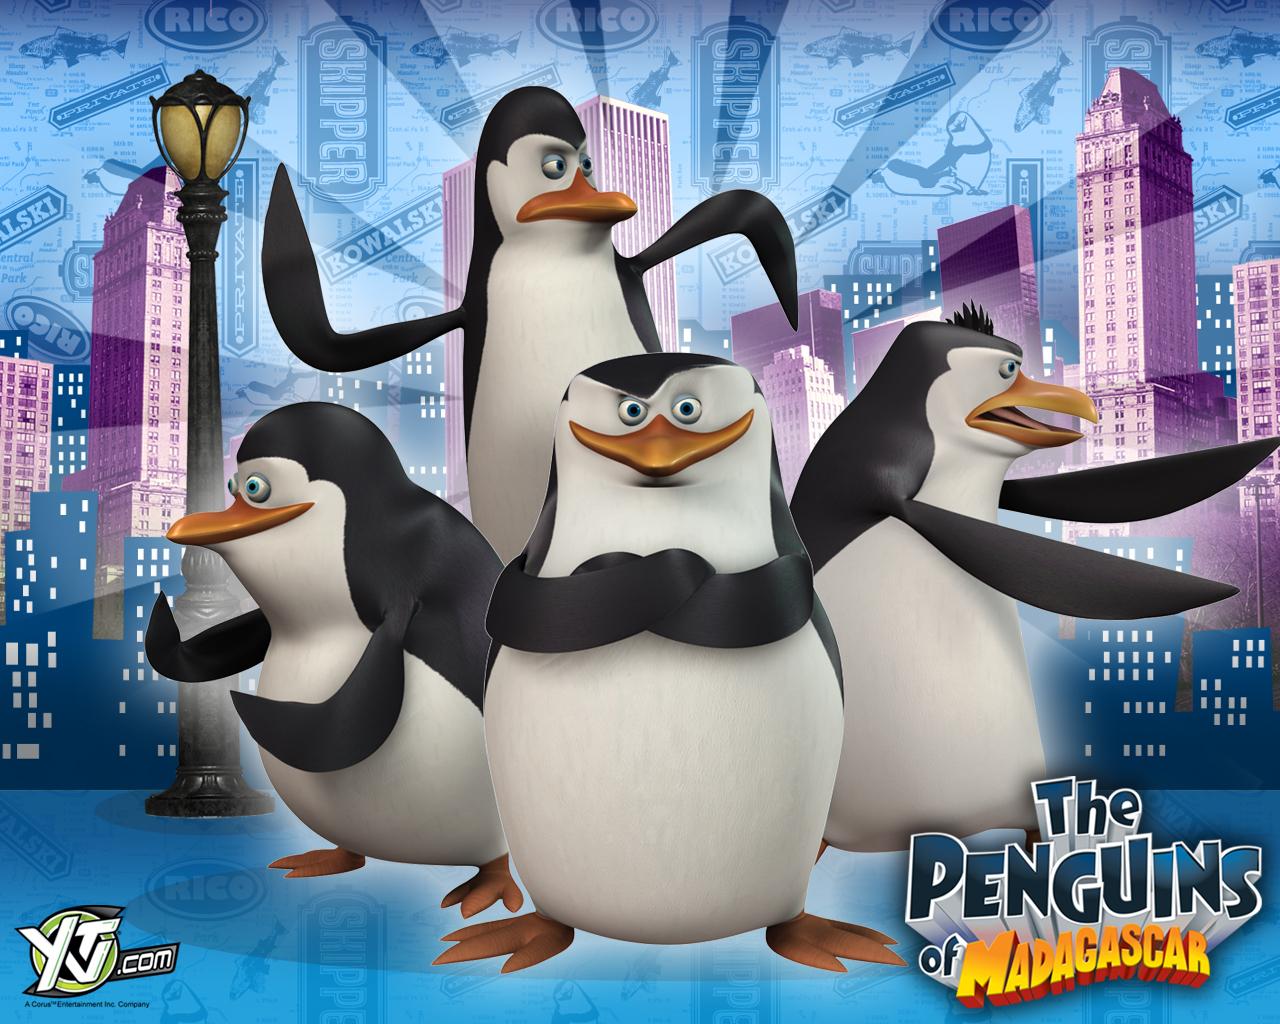 image - penguins-of-madagascar-wallpaper-city-backround-penguins-of